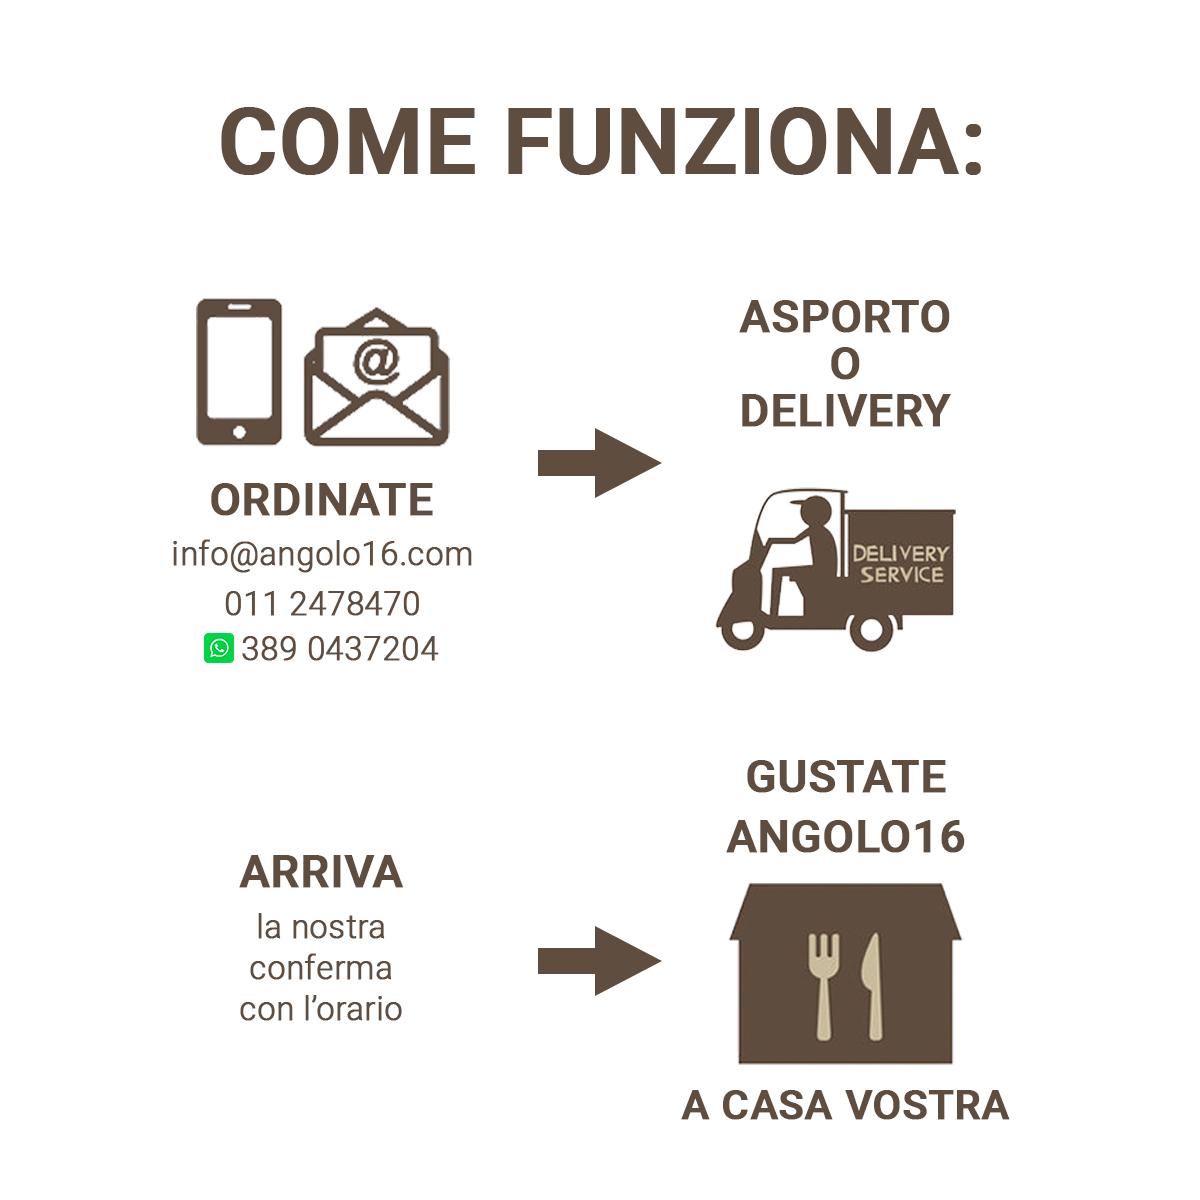 Grafica con informazioni su servizi delivery e asporto di Angolo 16 Torino